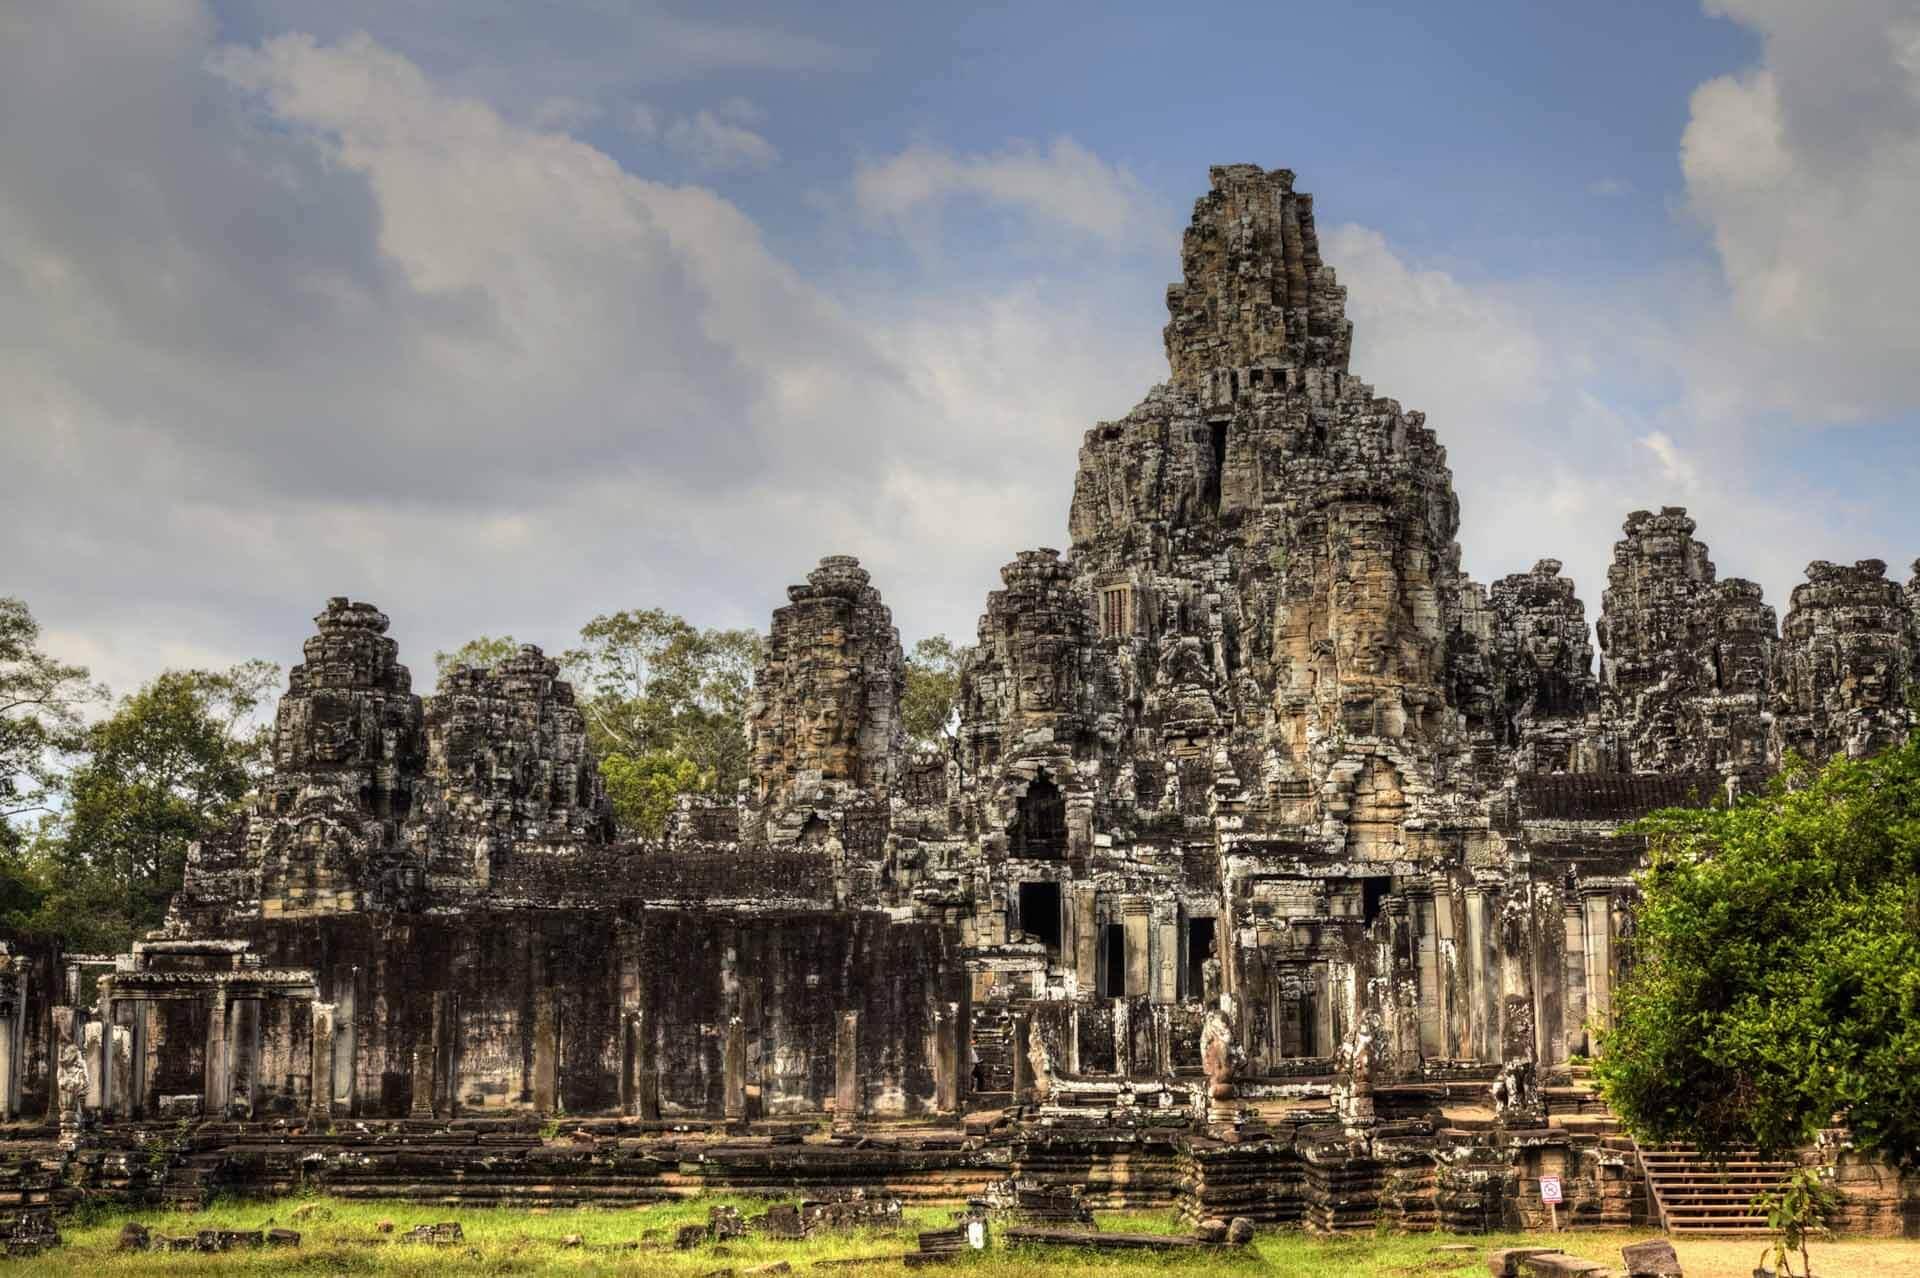 Bayon Tempel in Angkor Thom